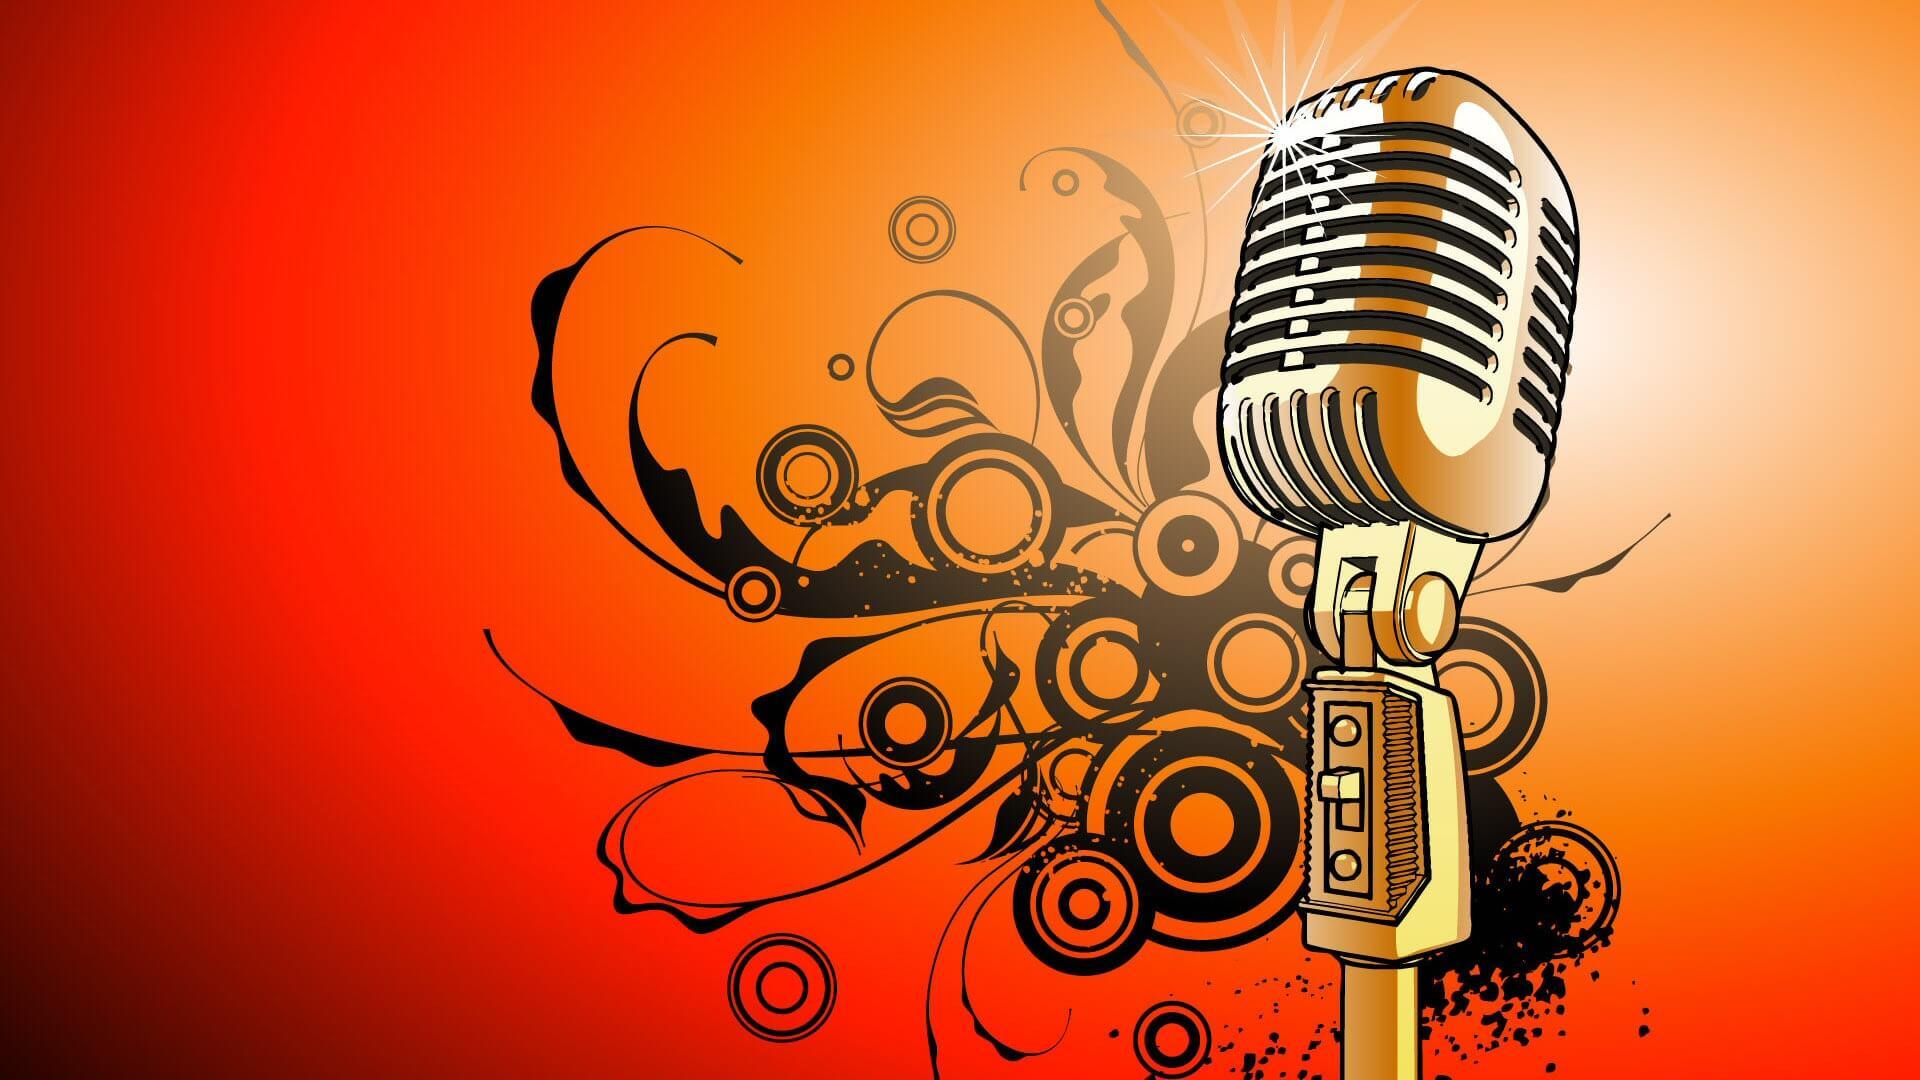 fond ecran gratuit pour radio amateur